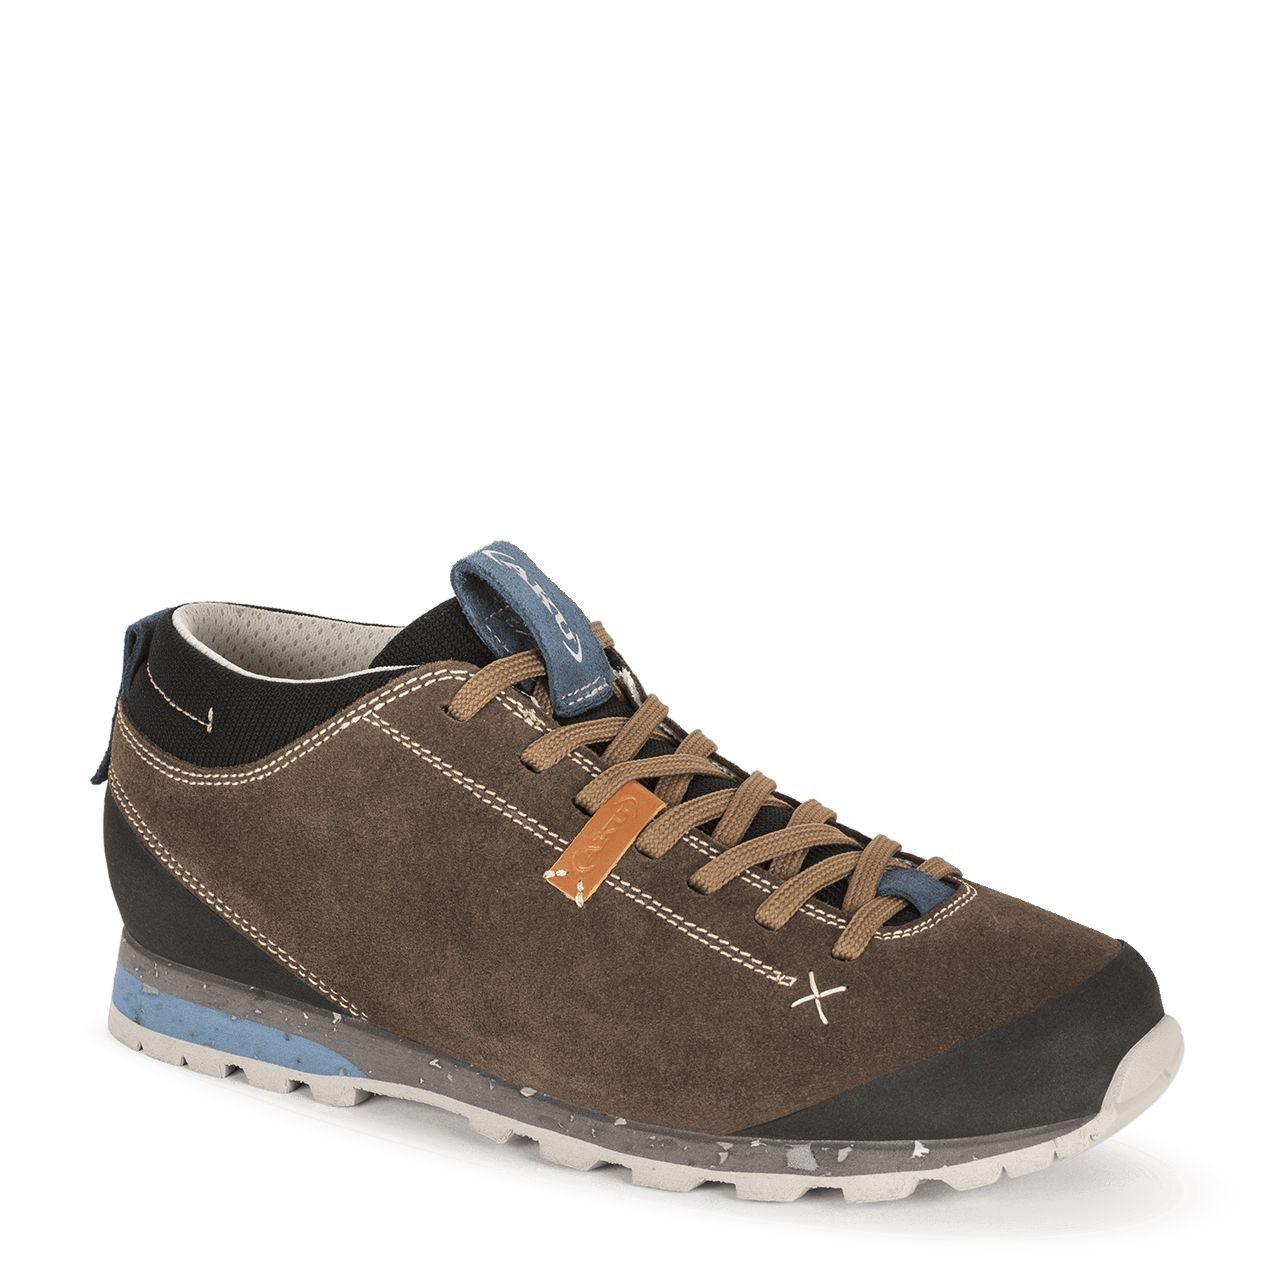 Tazz-Sport - AKU Bellamont Suede II Brown Inspirováno horami pro každodenní použití